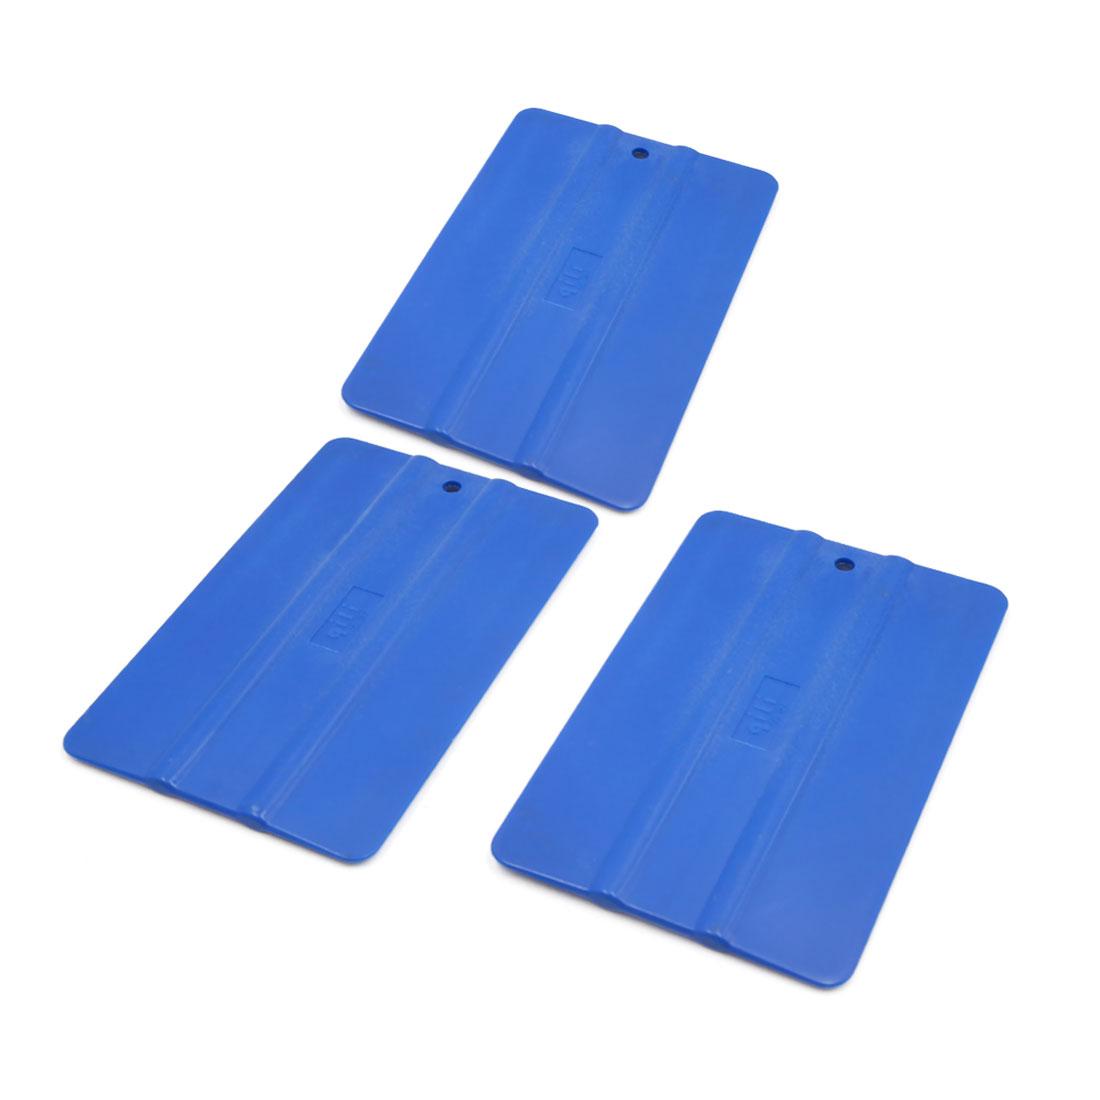 3pcs Blue Car Vinyl Film Tinting Tools Window Scraper Squeegee Application